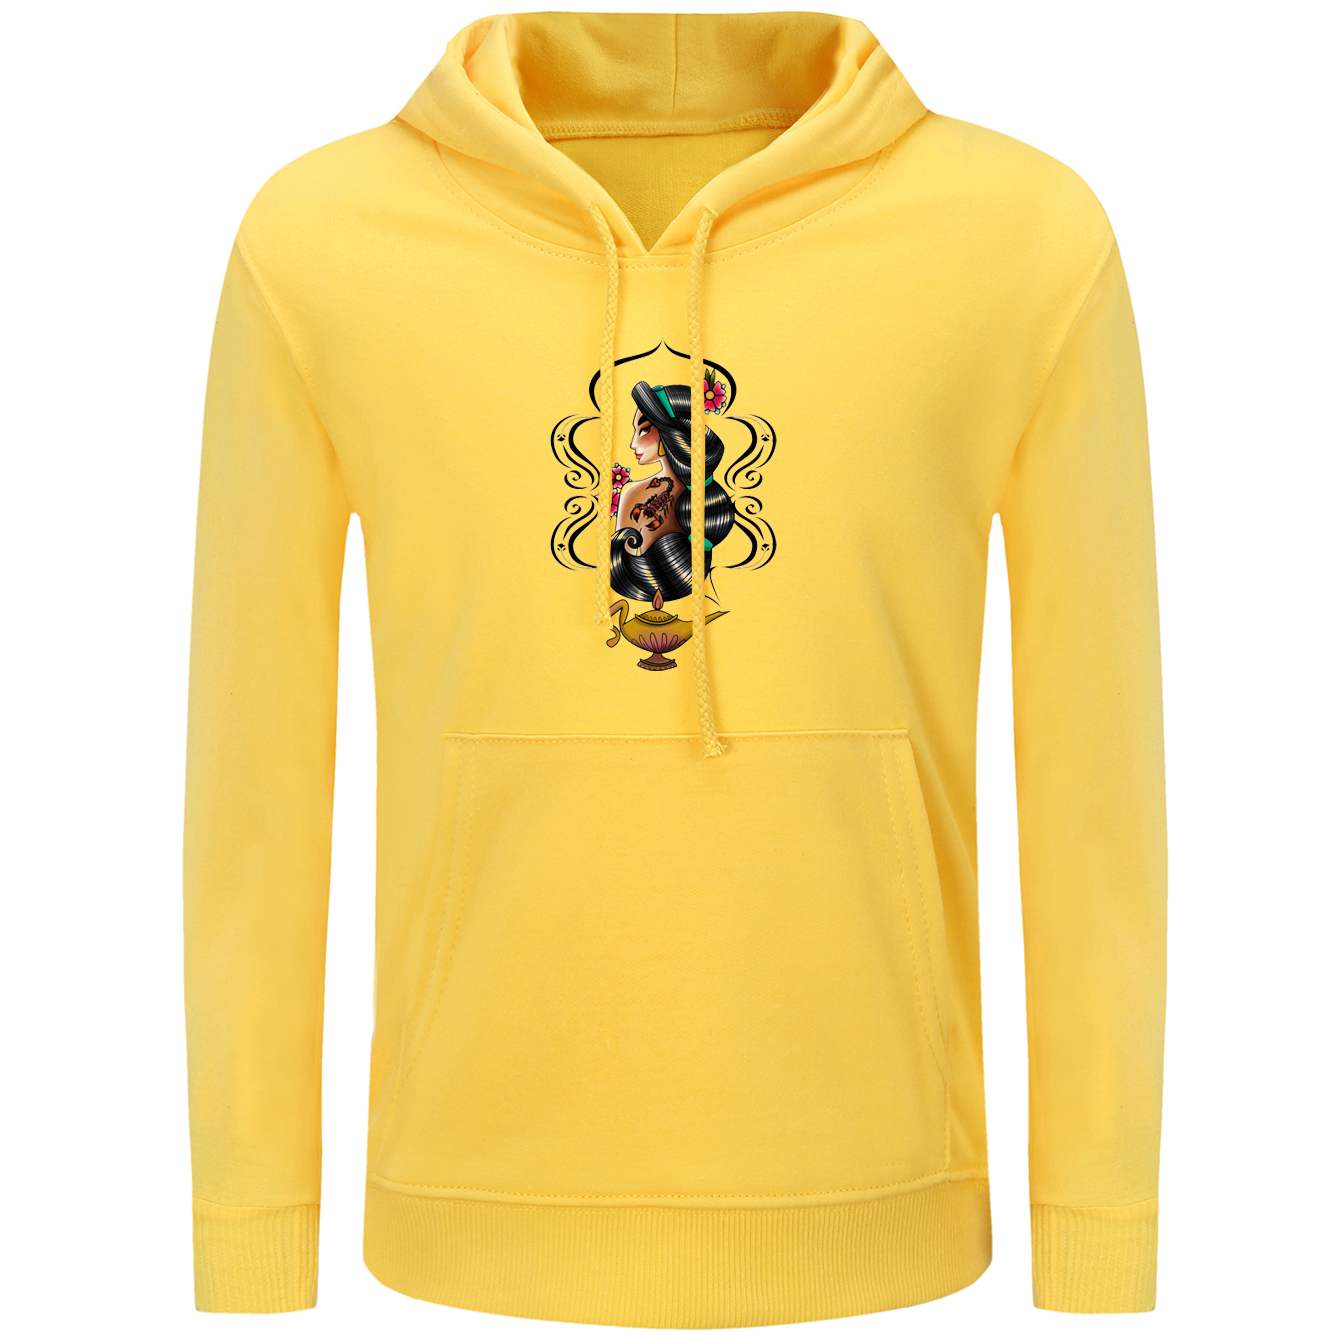 8045e1e178e1 Sudaderas con capucha para mujer iDzn Aladdin y la lámpara mágica princesa  Jasmine Punk tatuaje fumar Casual estilo sudaderas para chicas s 3XL en  Sudaderas ...